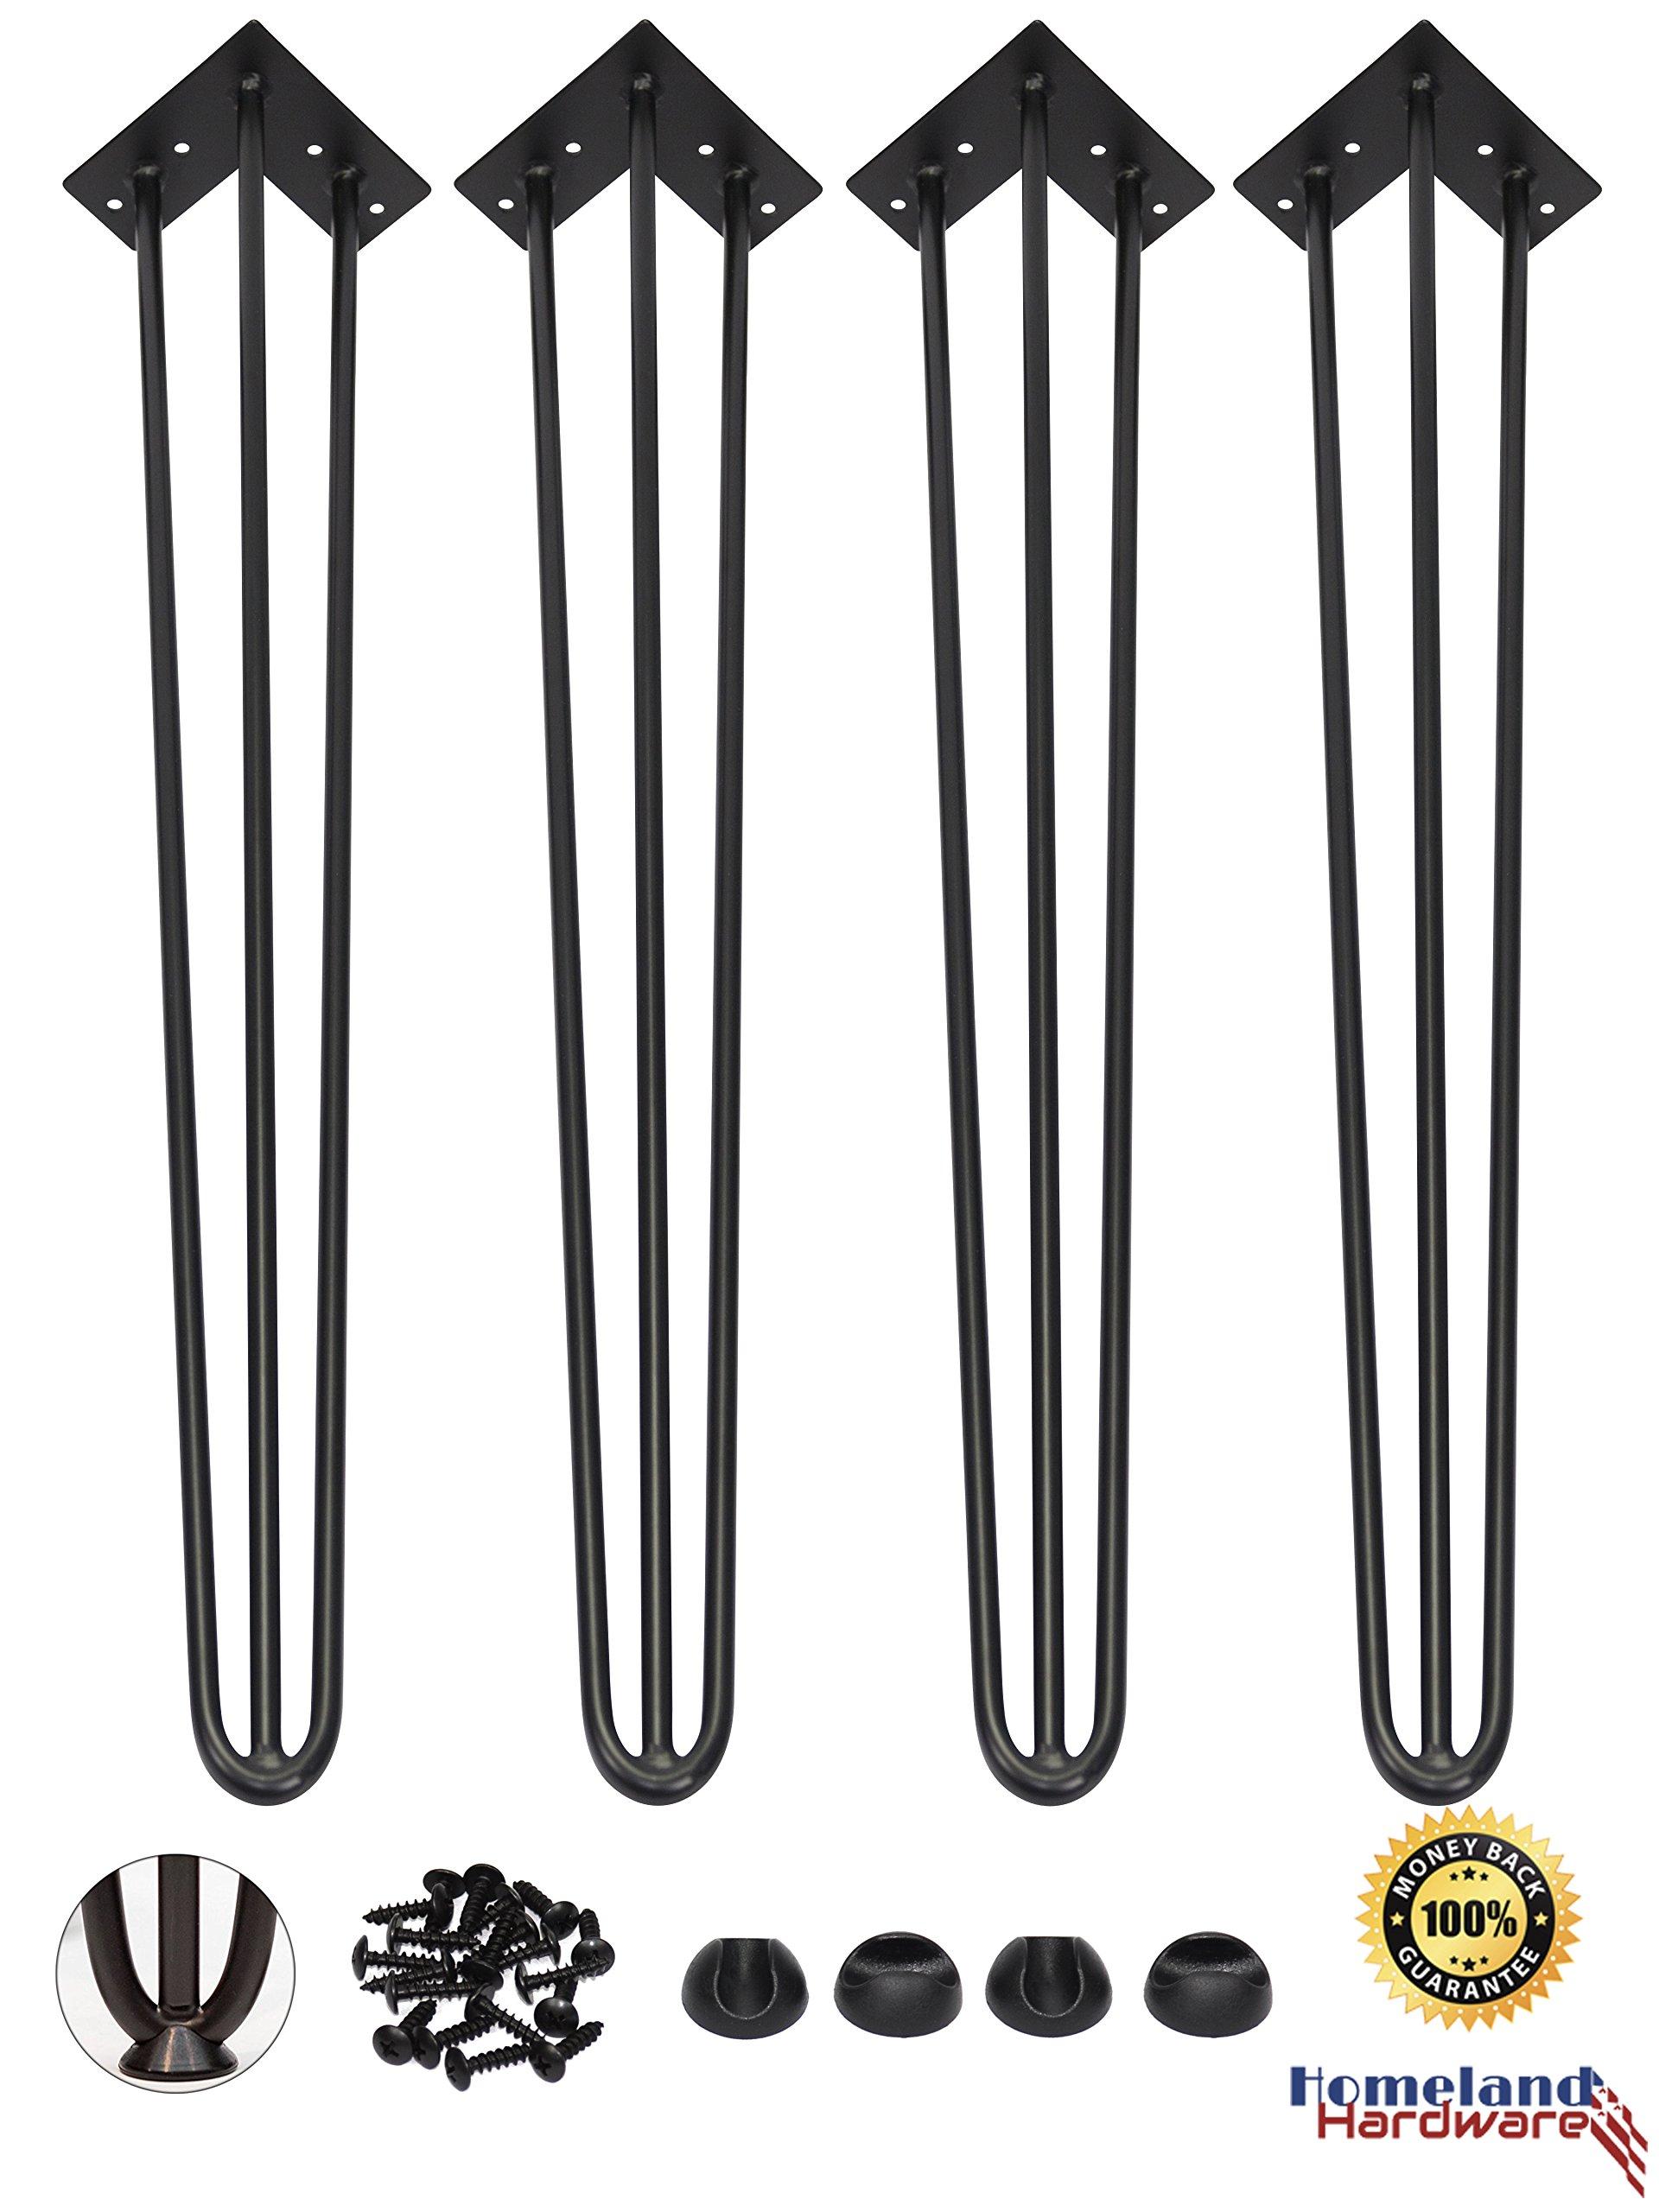 40'' Hairpin Legs 1/2'' [Black] Leg Protectors(4) + Screws(20) [Set of 4] - Metal Legs - Coffee Table Legs - Desk Legs - Furniture Legs - Mid Century Modern by Homeland Hardware